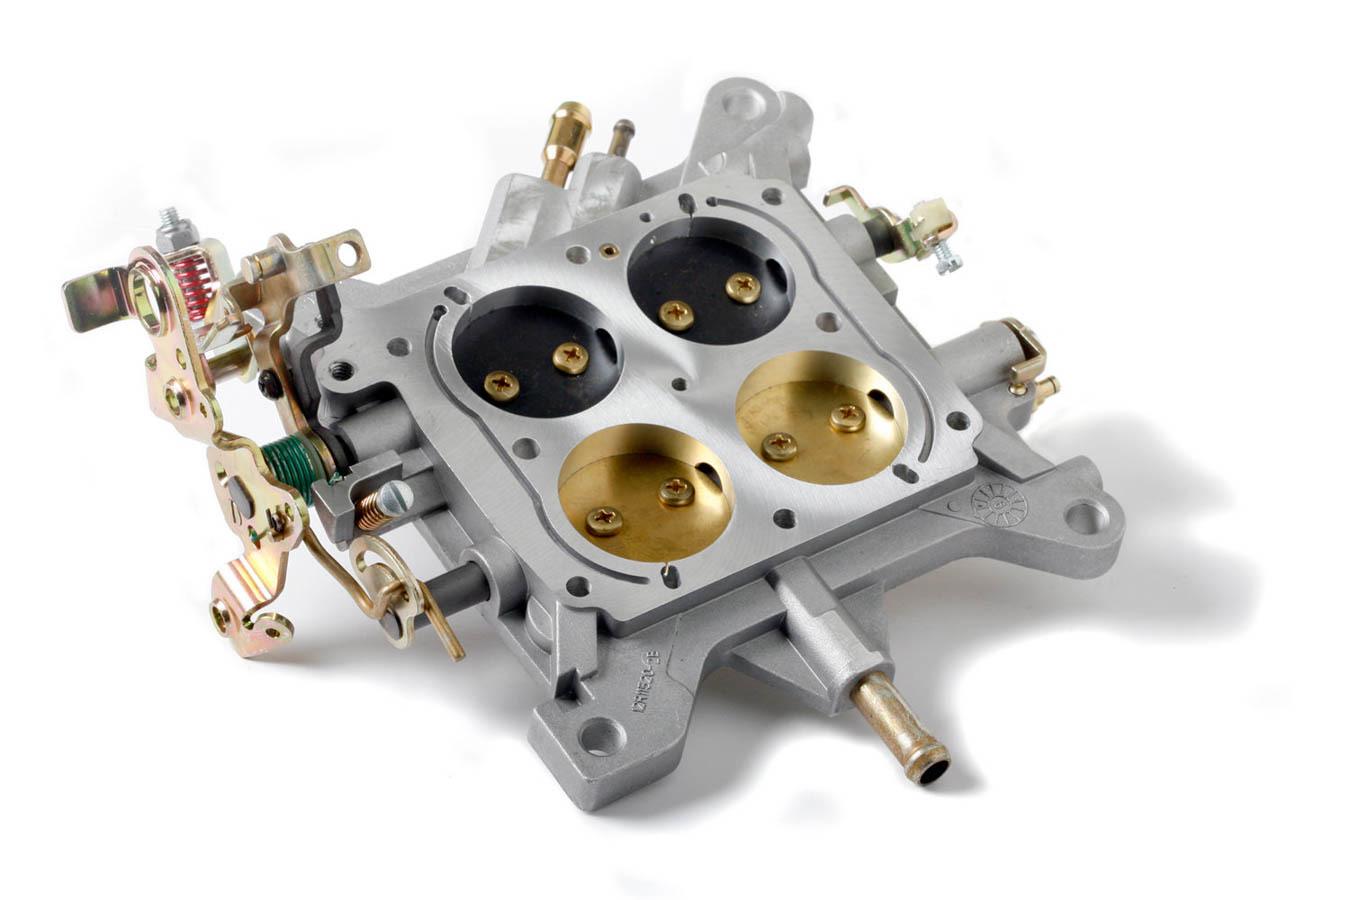 Holley 112-114 Carburetor Base Plate, Complete, Aluminum, Natural, Holley 4150 Carburetor, Each